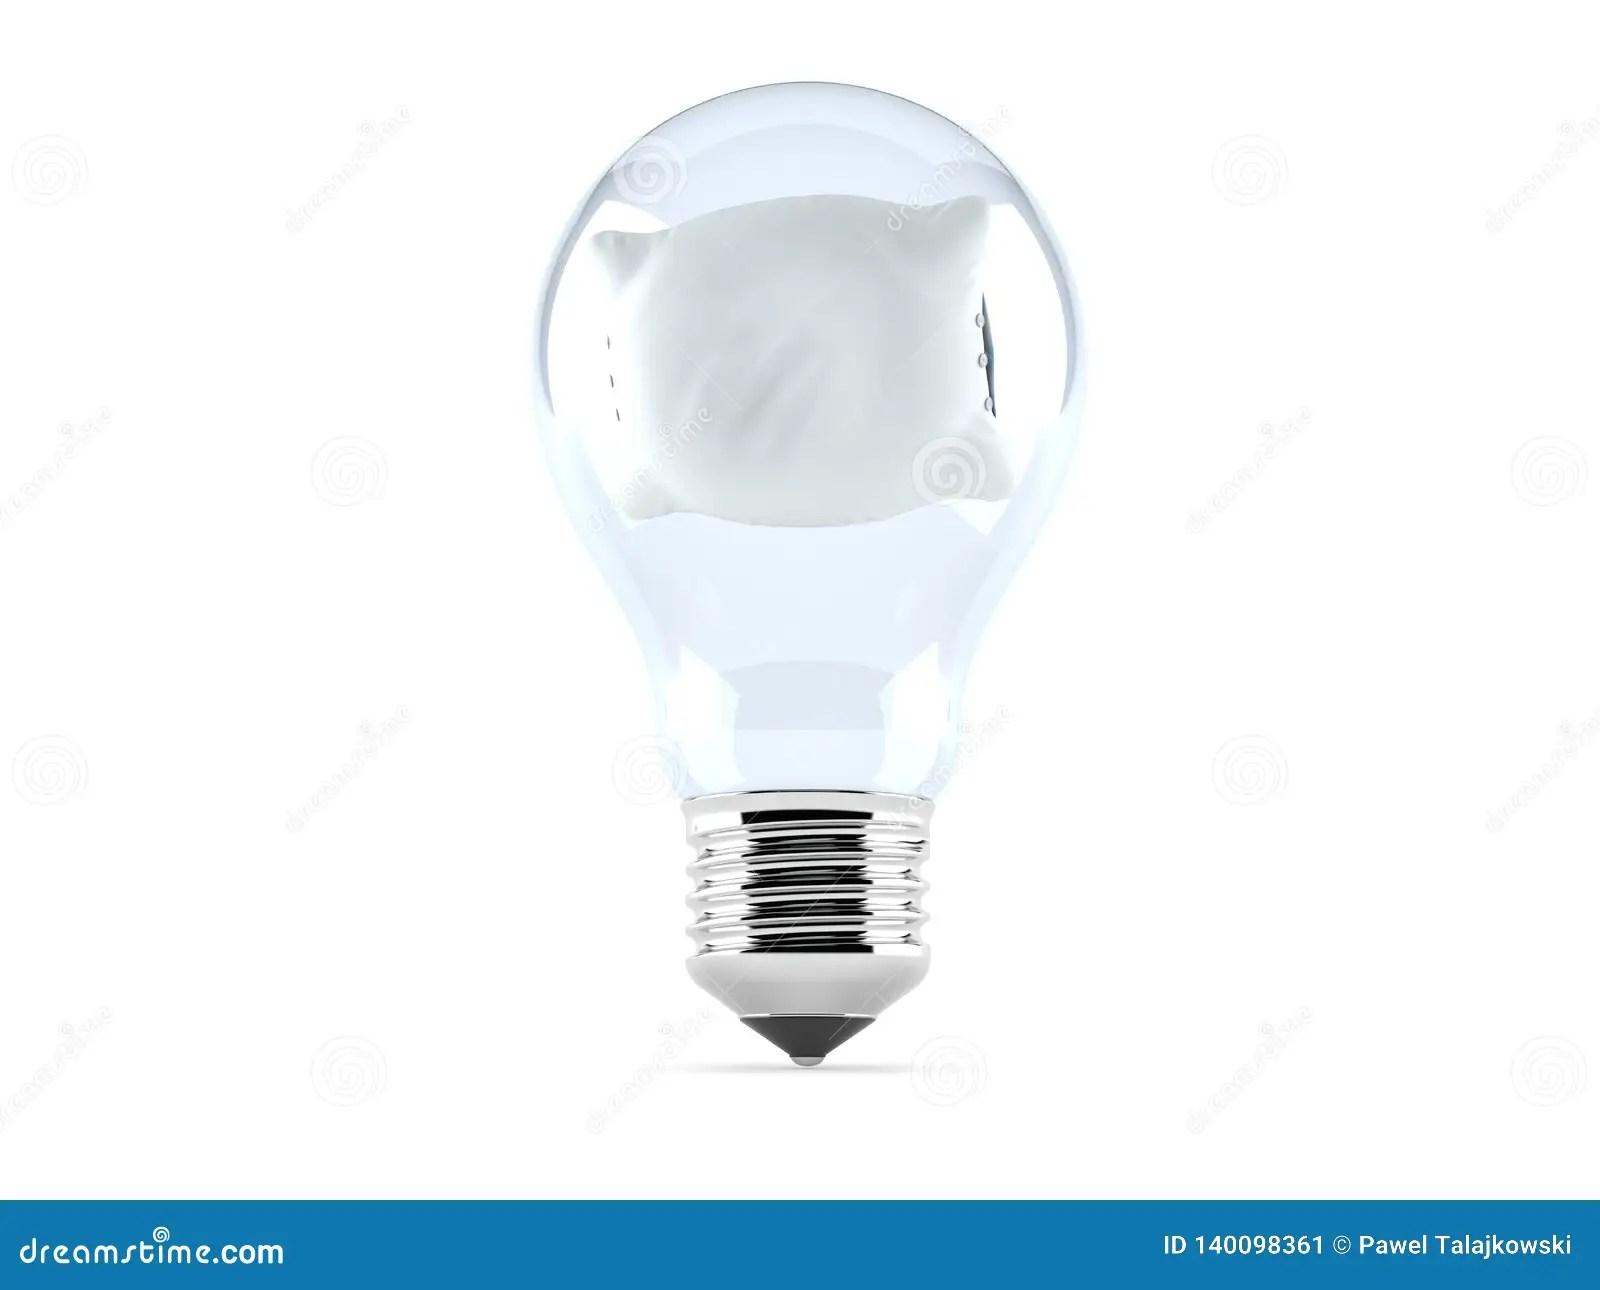 pillow inside light bulb